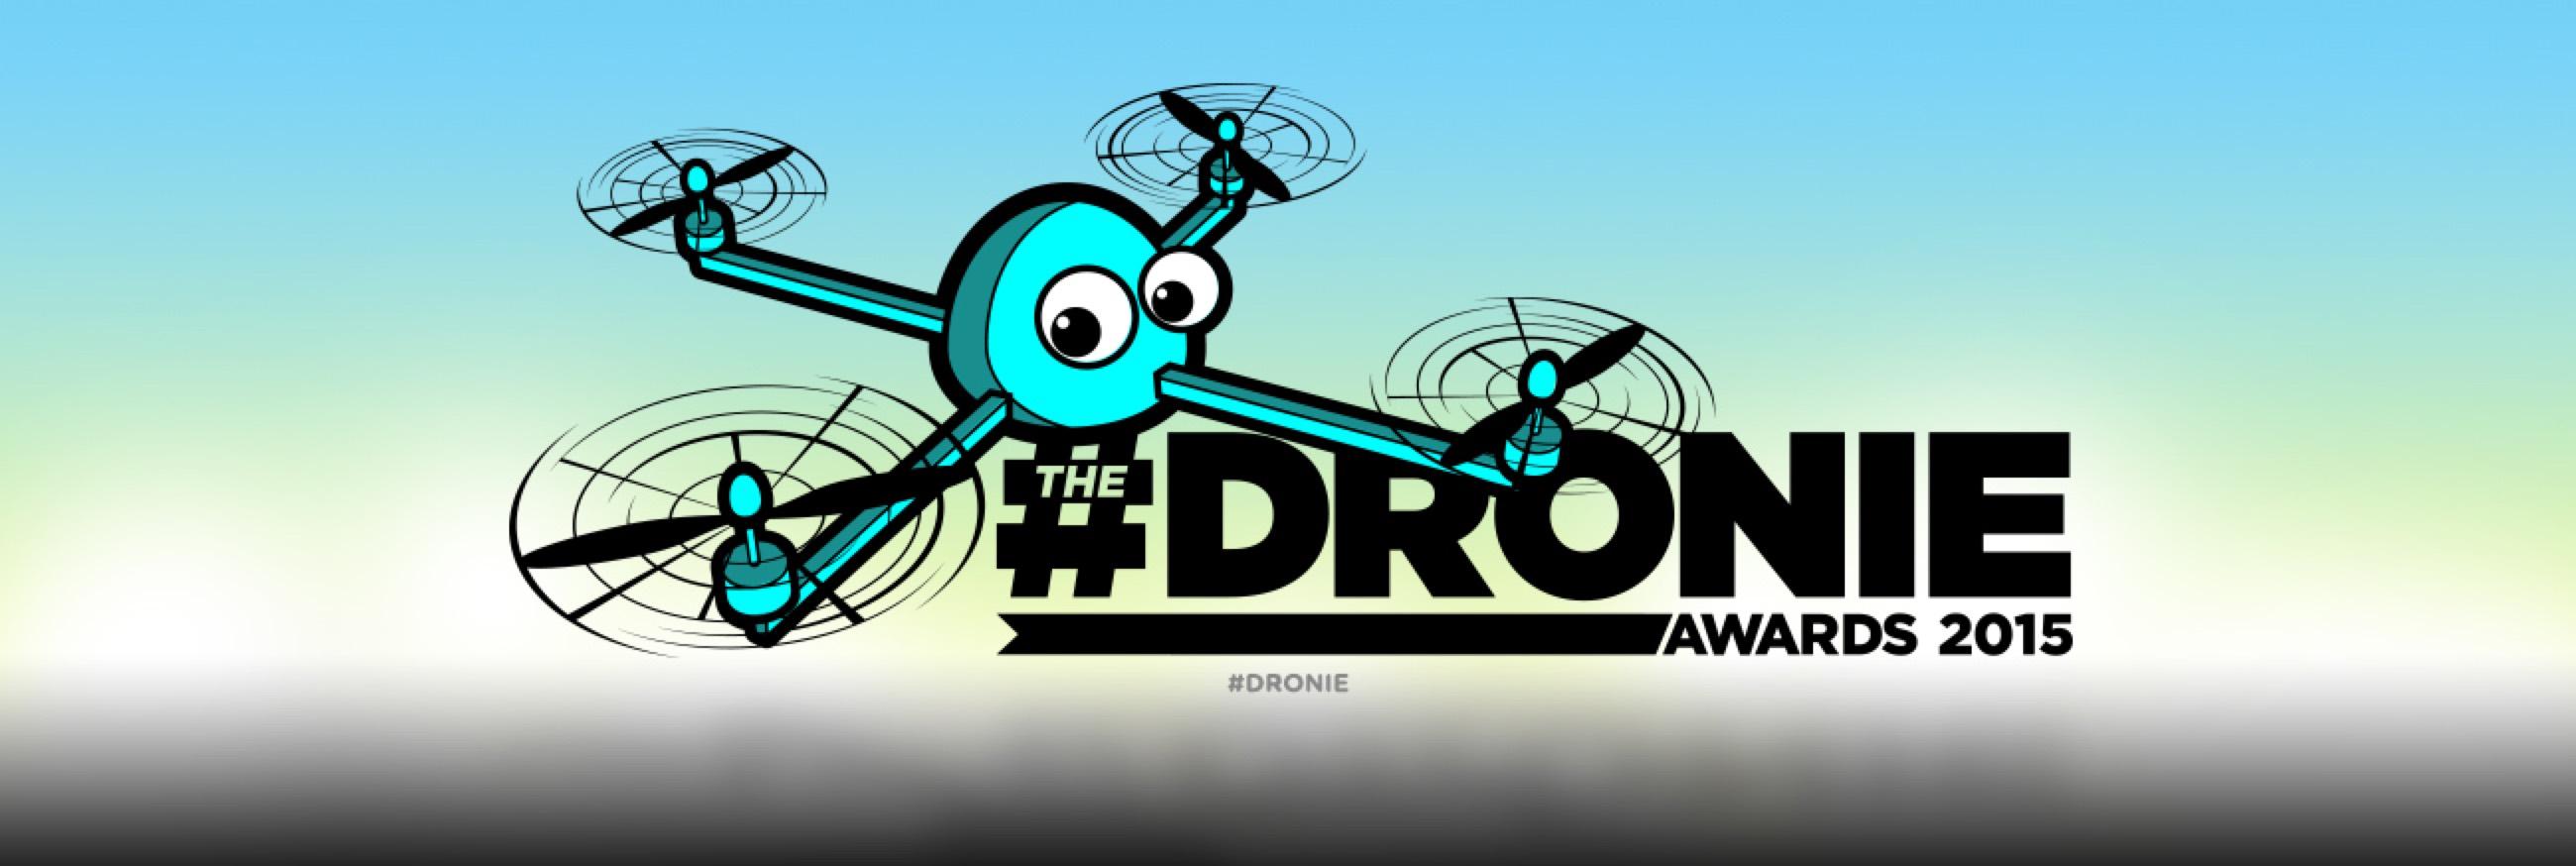 Adafruit Dronie Blog 2